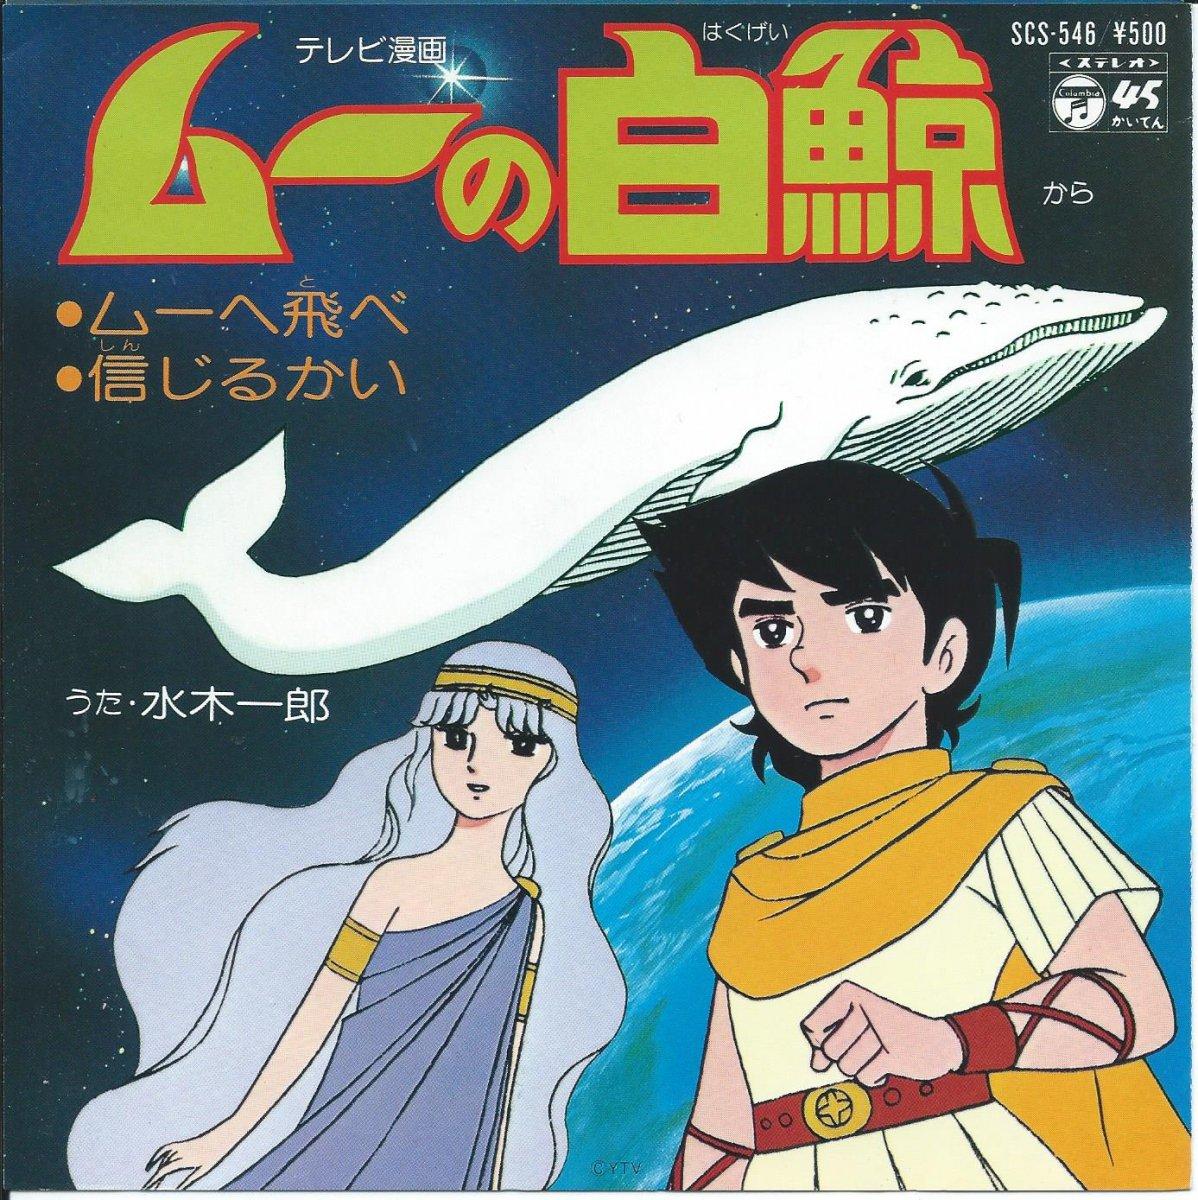 水木一郎 ICHIRO MIZUKI / ムーへ飛べ / 信じるかい (ムーの白鯨)